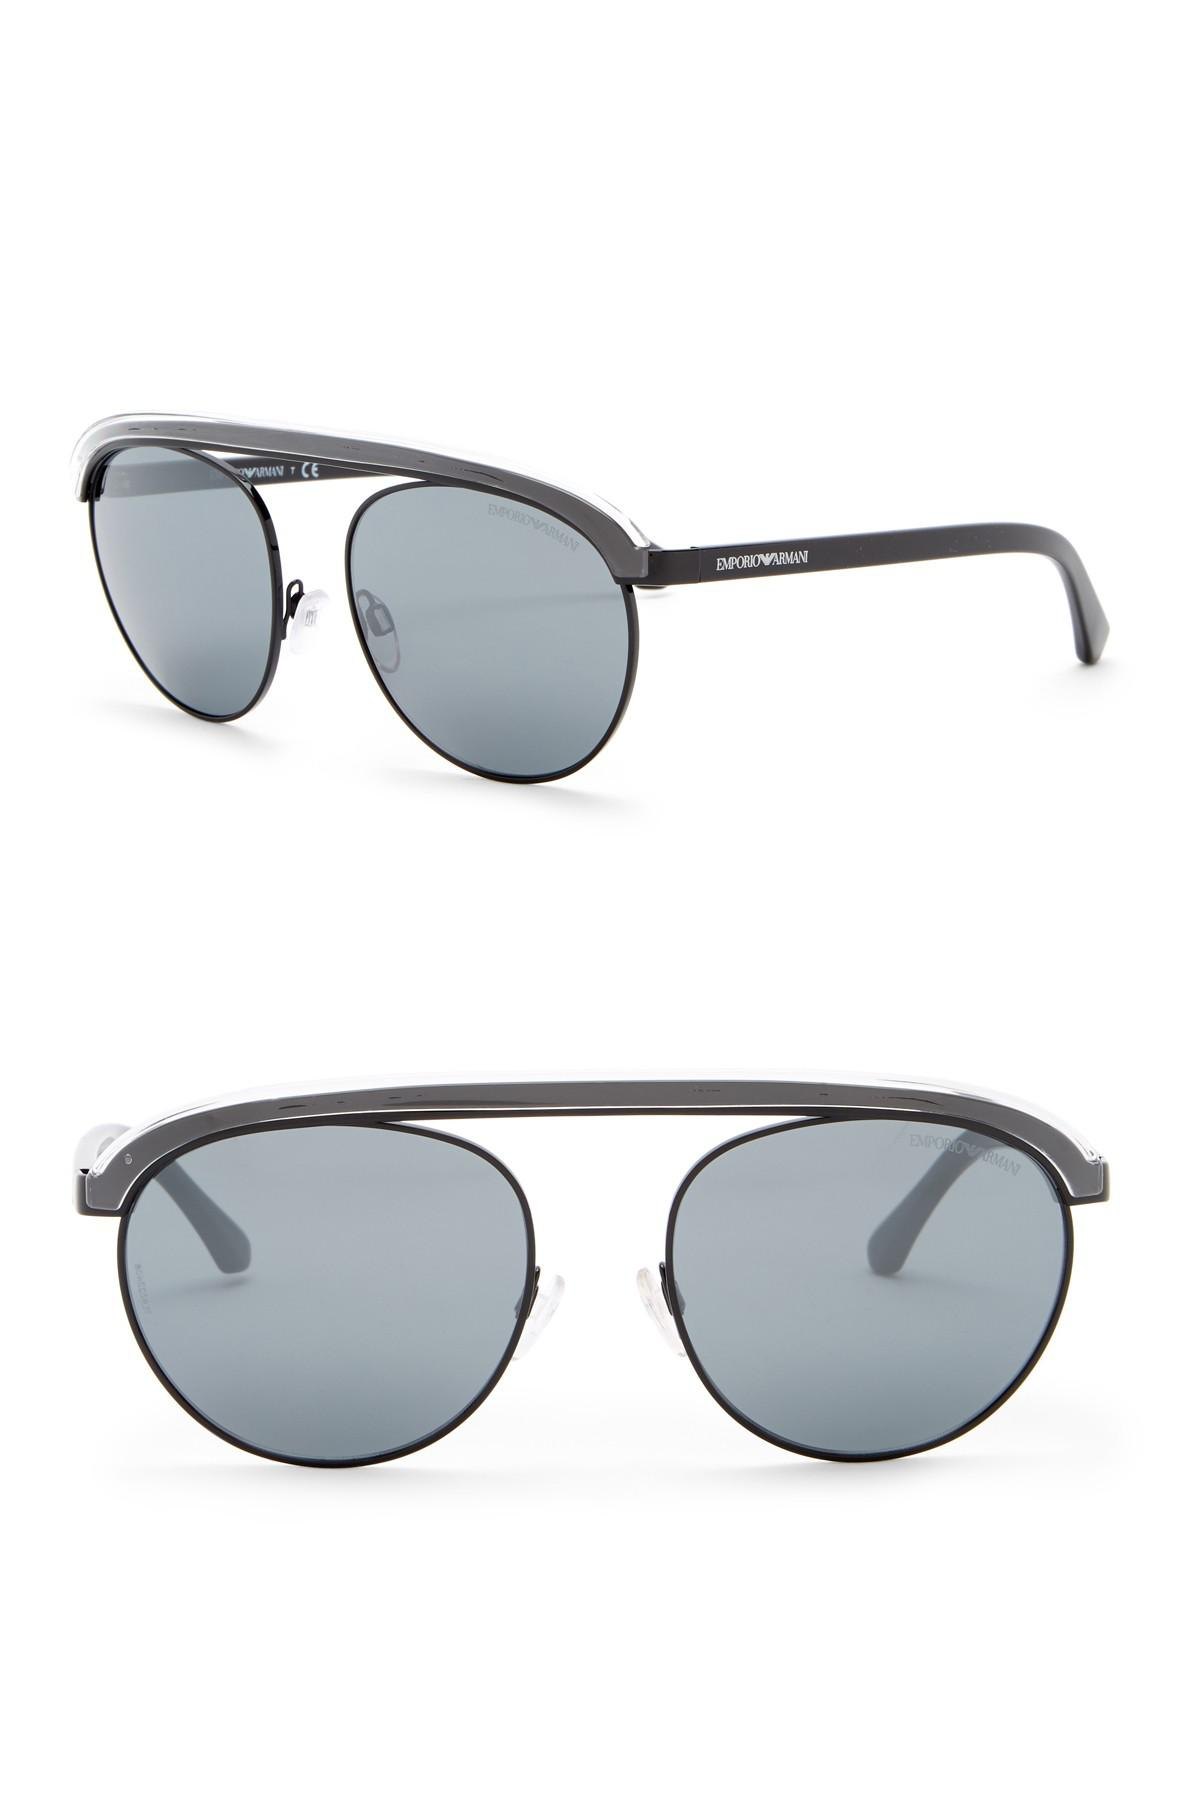 26feefb2268a Lyst - Emporio Armani 56mn Round Aviator Sunglasses in Black for Men